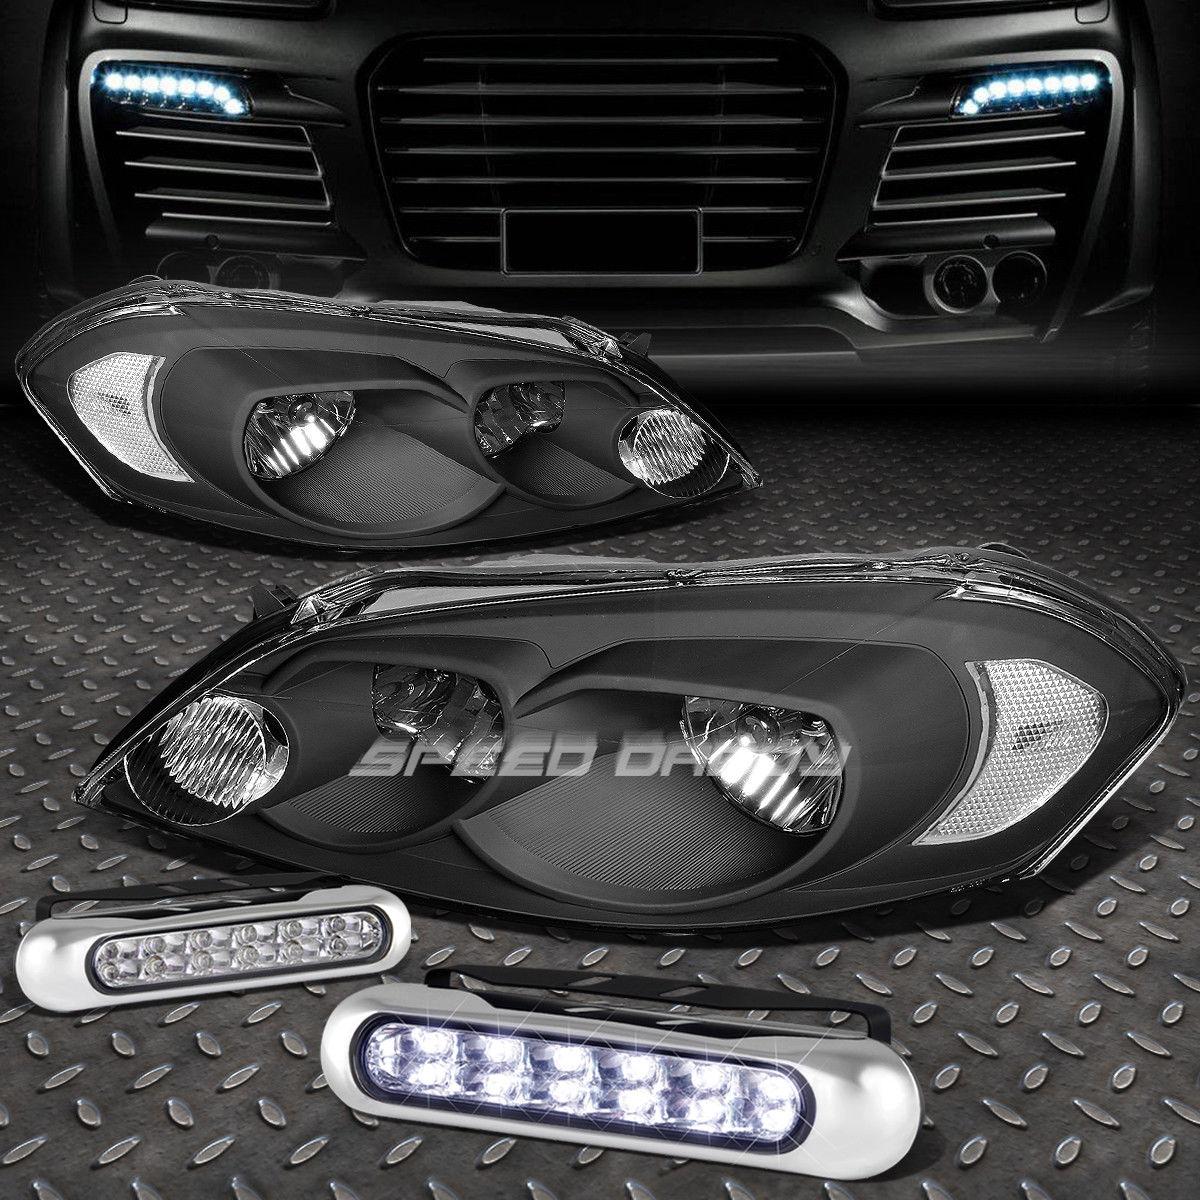 フォグライト BLACK HOUSING+CORNER HEADLIGHT+12 LED GRILL FOG LIGHT FOR 06-16 MONTE CARLO ブラックハウジング+コーナーヘッドライト+ 06-16 MONTE CARLO用LEDグリルフォグライト